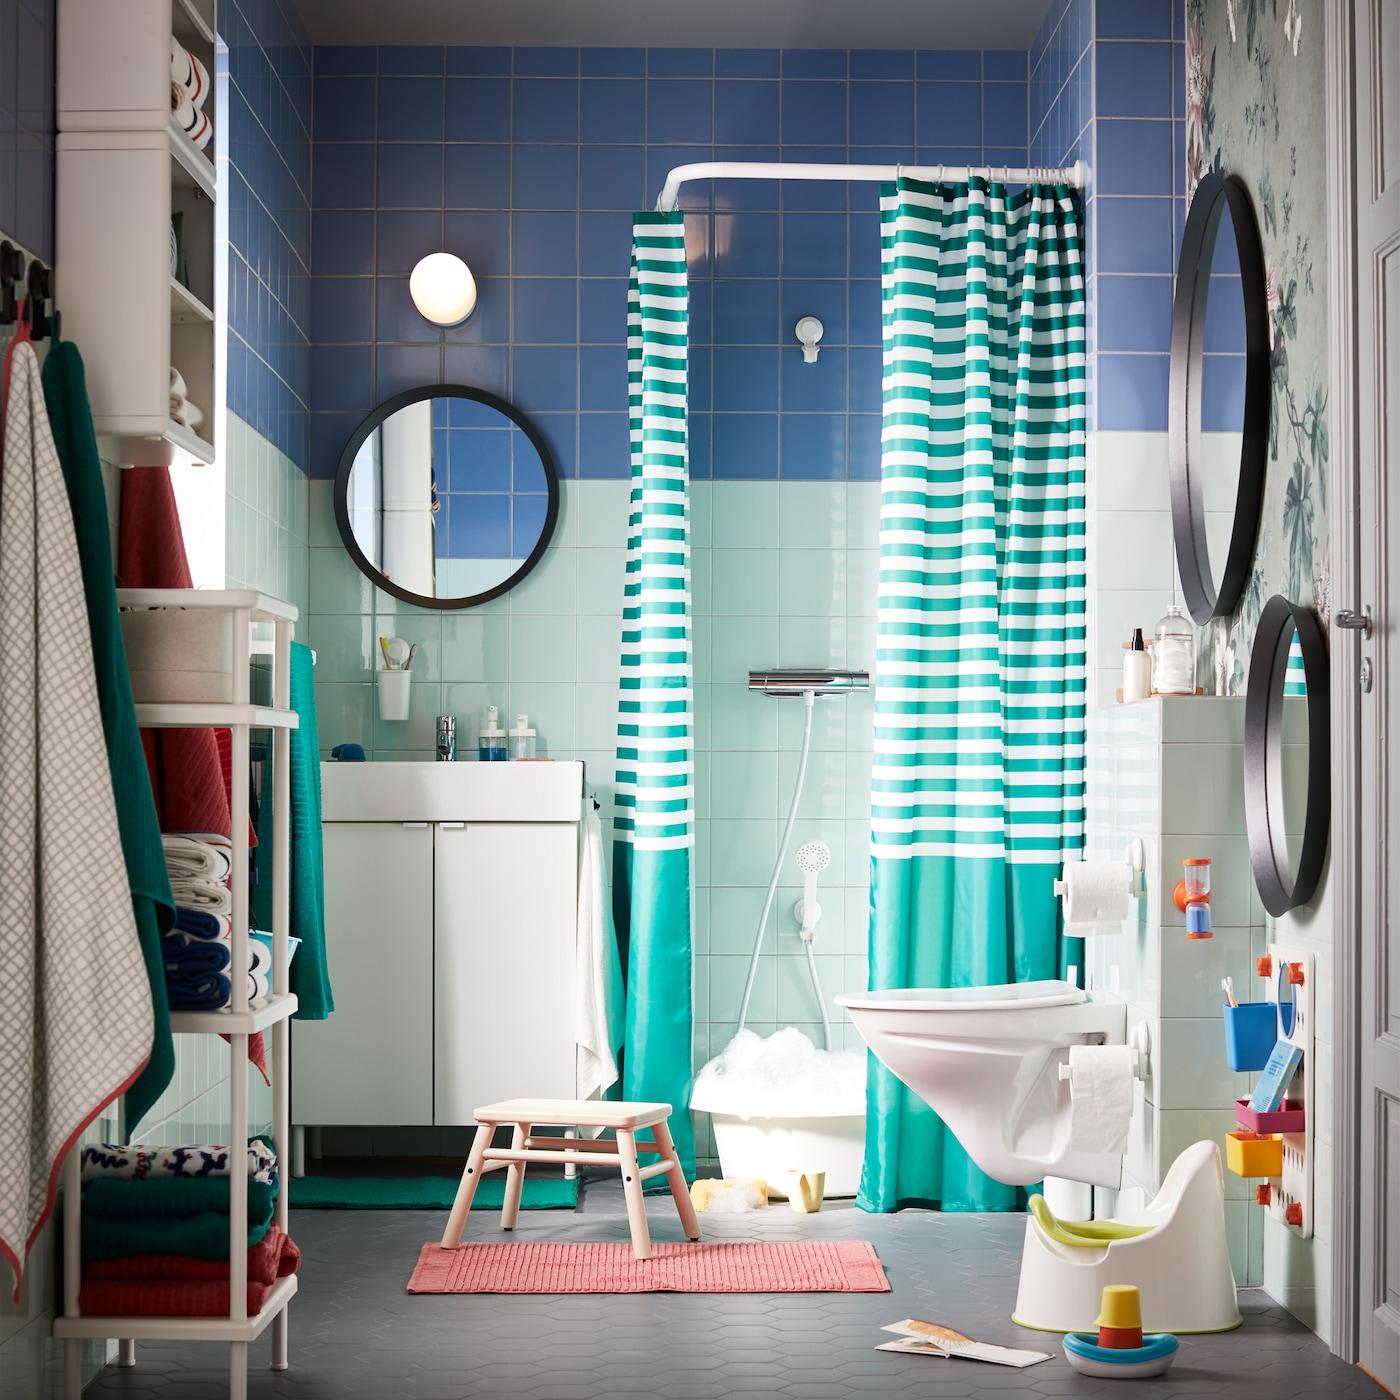 Et grønt/blåt badeværelse med farverigt og hvidt tilbehør og masser af opbevaringsplads, som kan tilpasses – til både voksne og små børn.